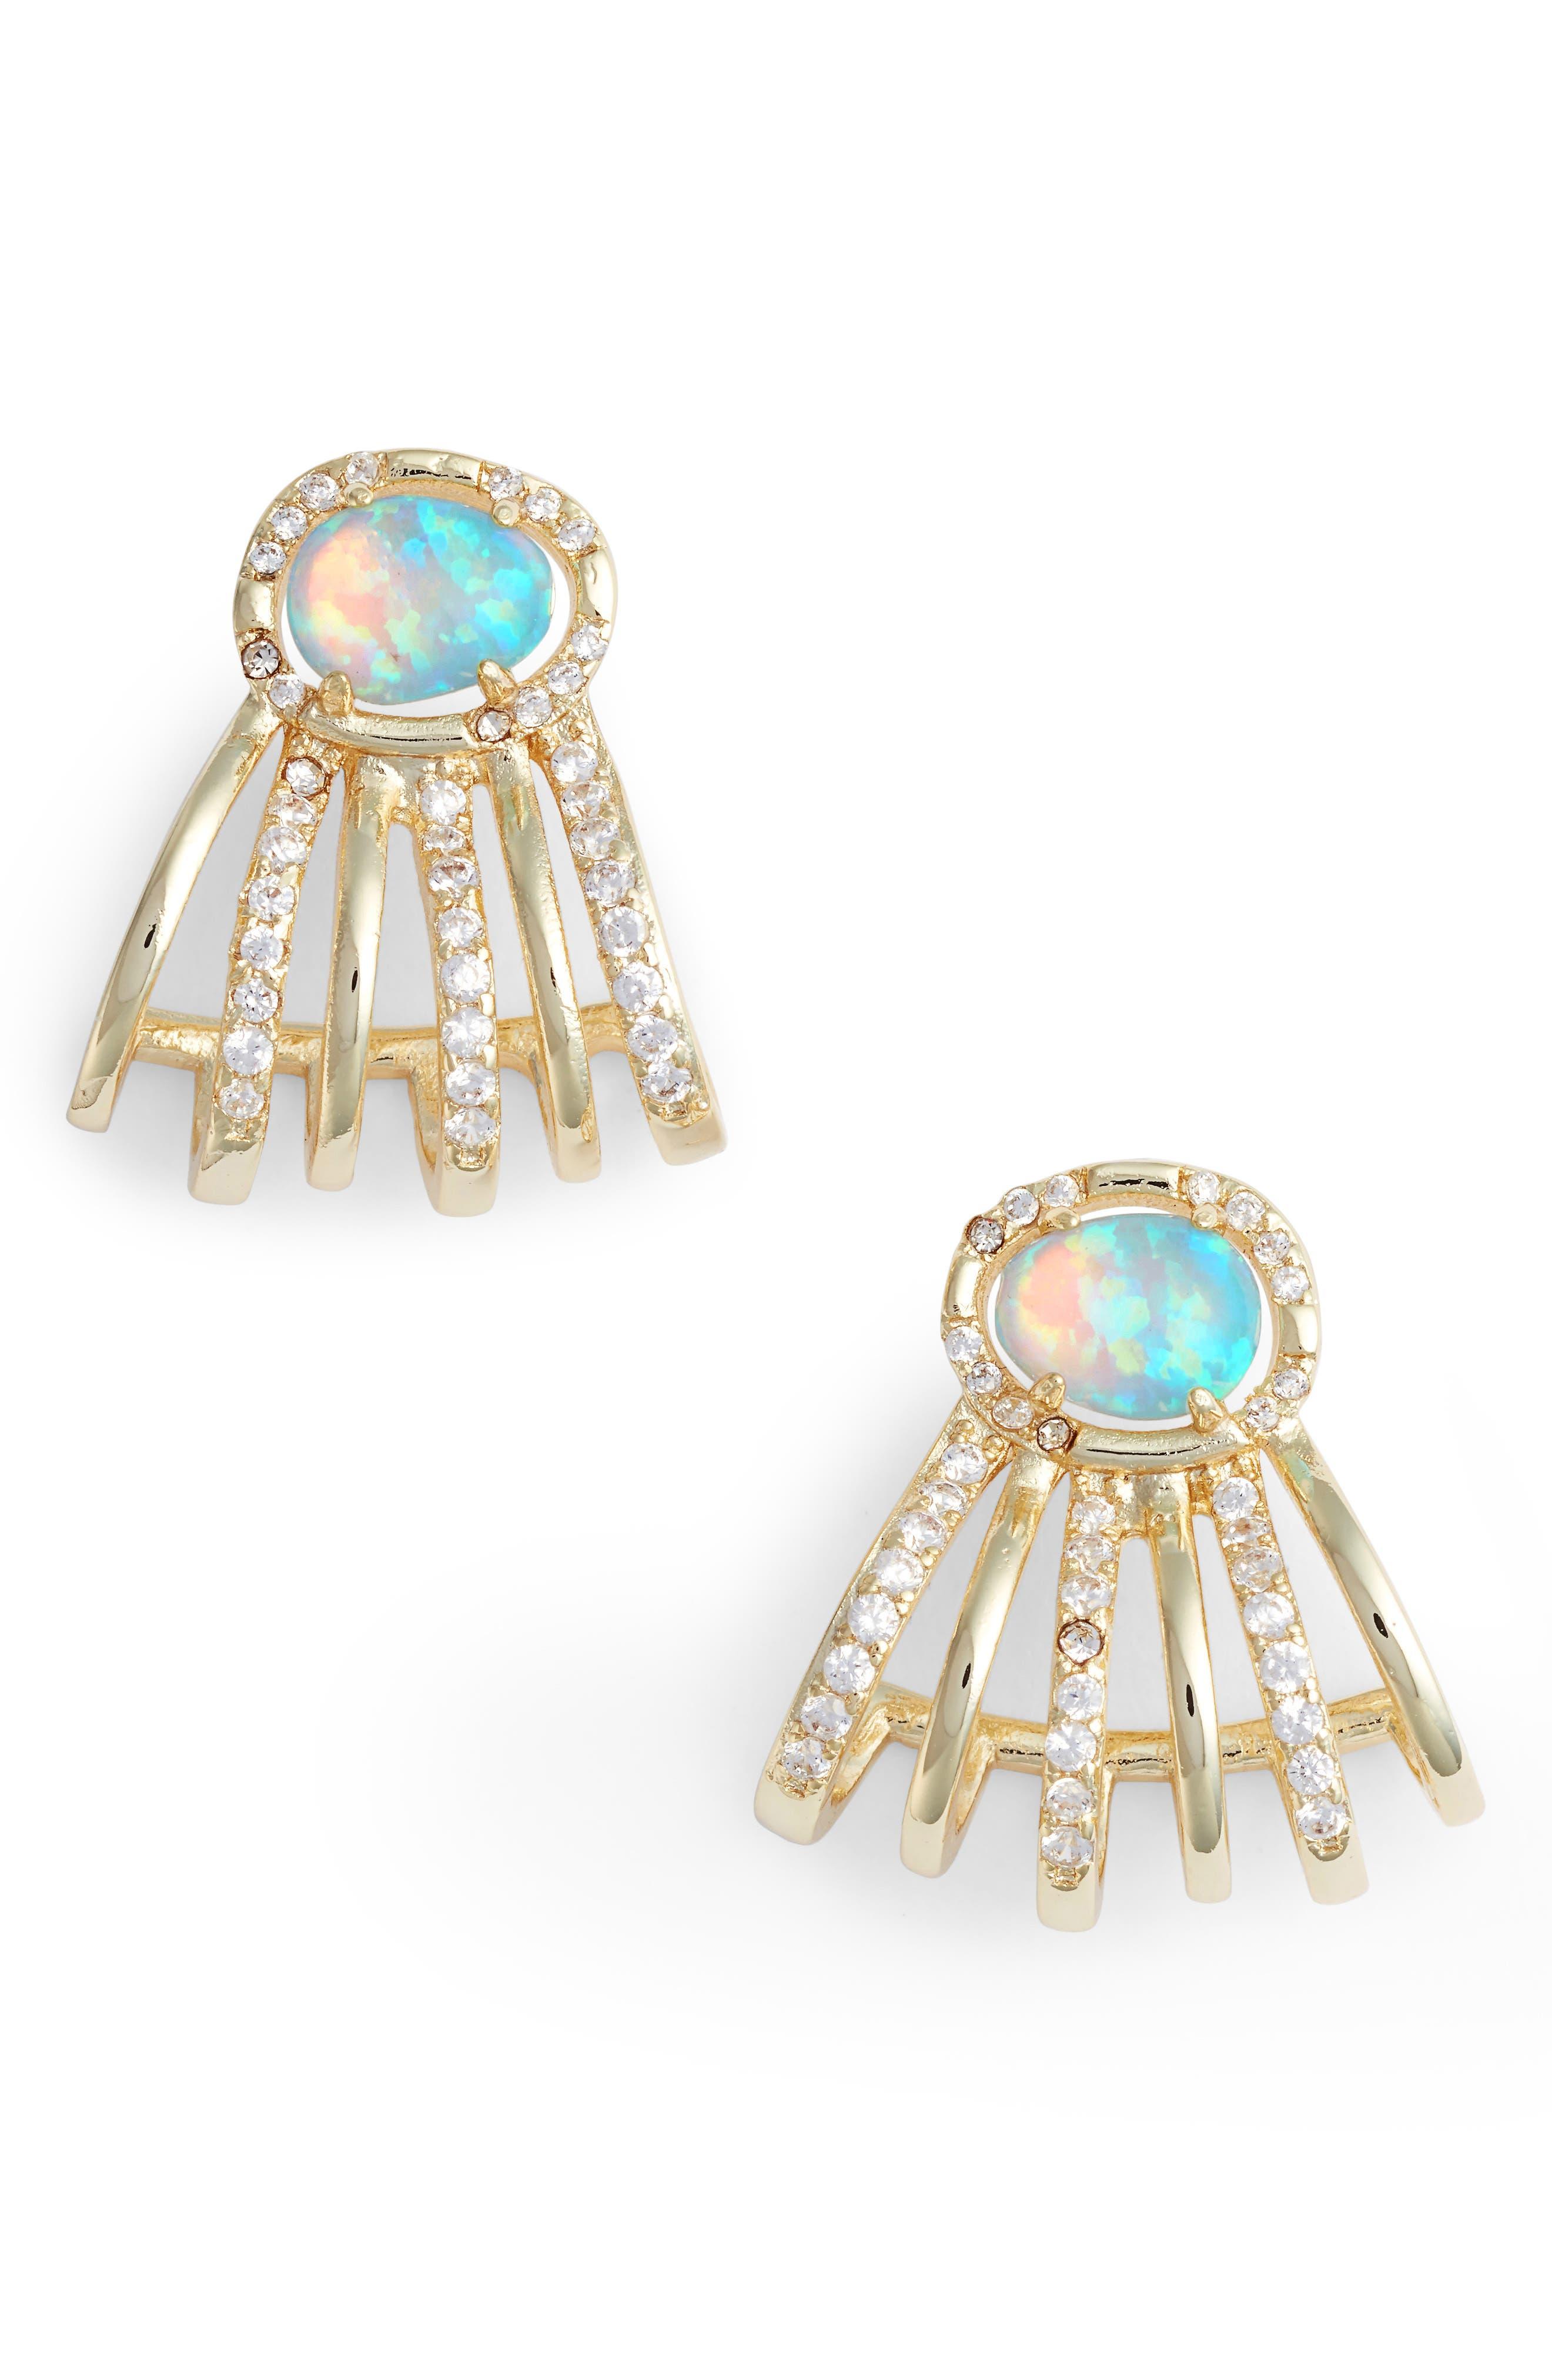 James Opal Earrings,                             Main thumbnail 1, color,                             400